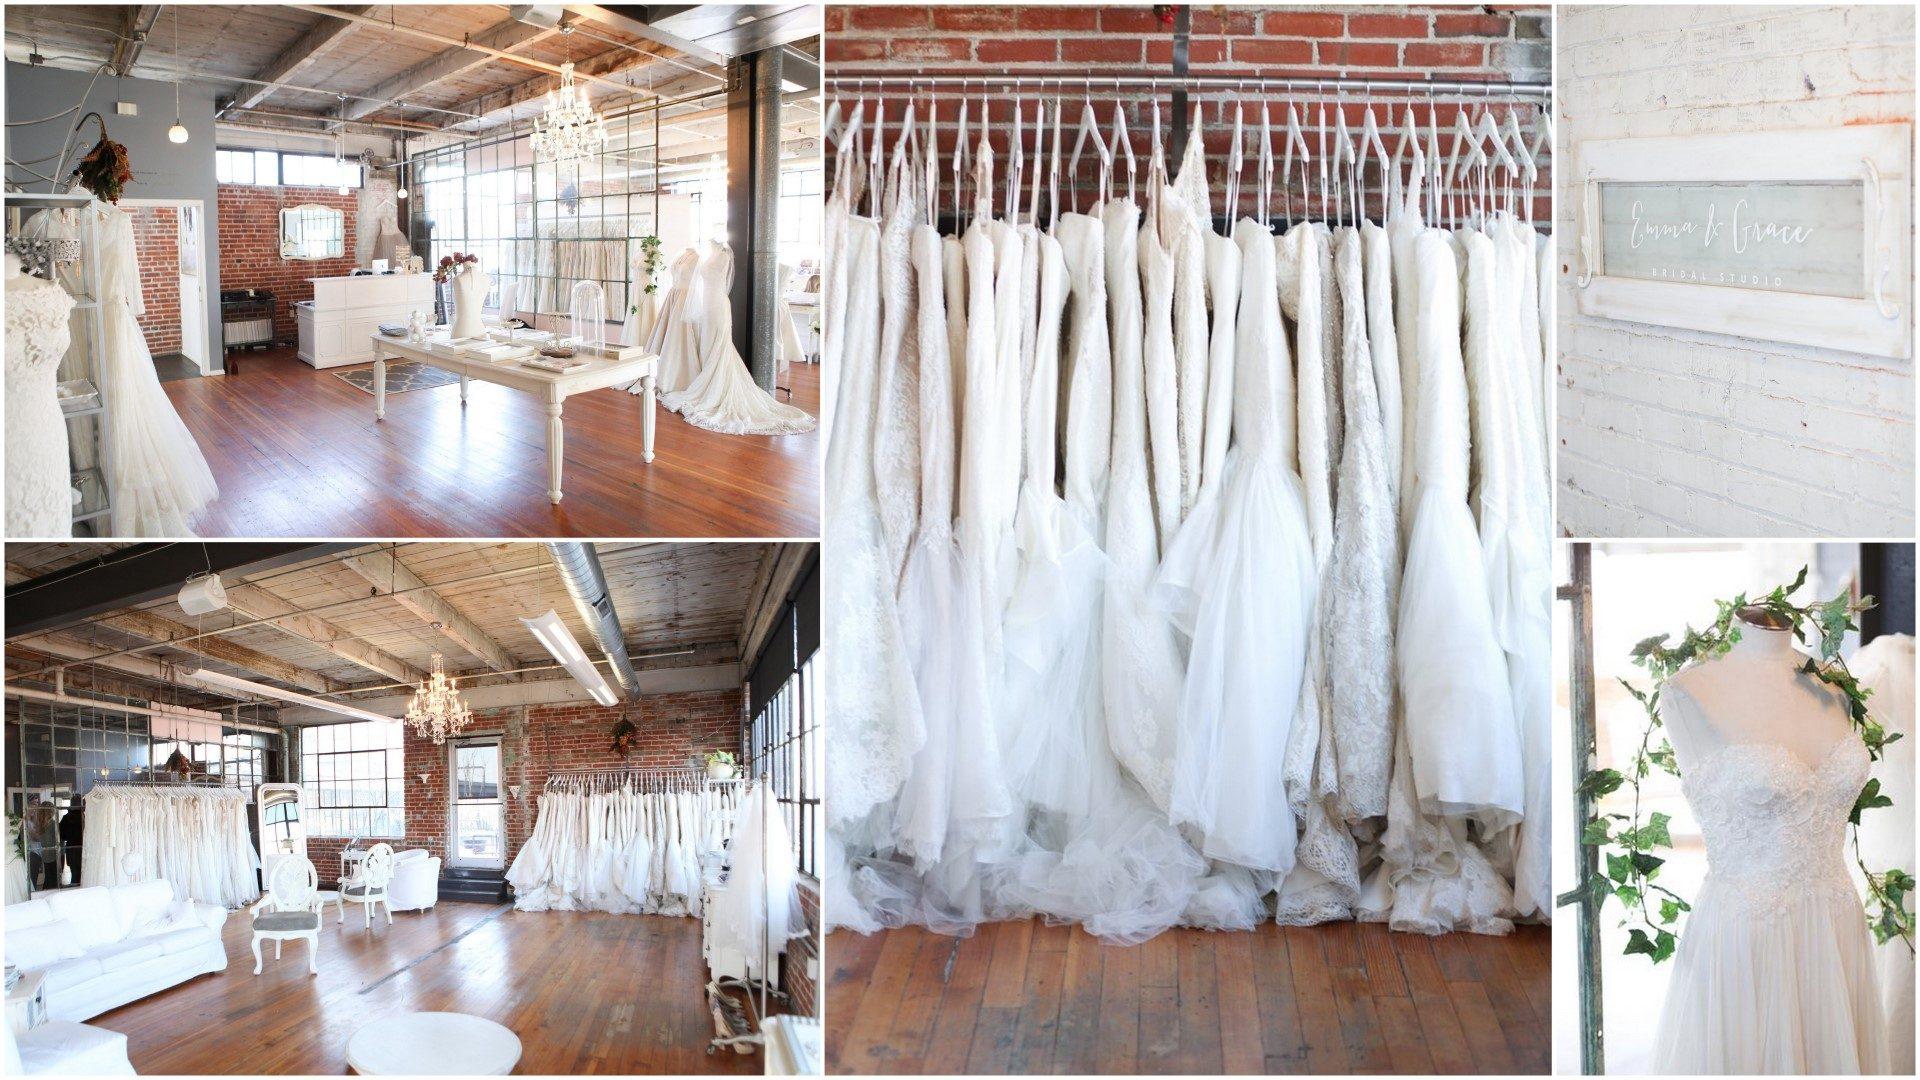 ,benes anita,daalarna,daalarna szalonok,esküvői szalon,esküvői ruhaszalon,nemzetközi terjeszkedés,daalarna sikerei,daalarna menyasszony,daalarnya menyasszonyok,esküvői ruha,magyar tervező,magyar esküvői ruha,